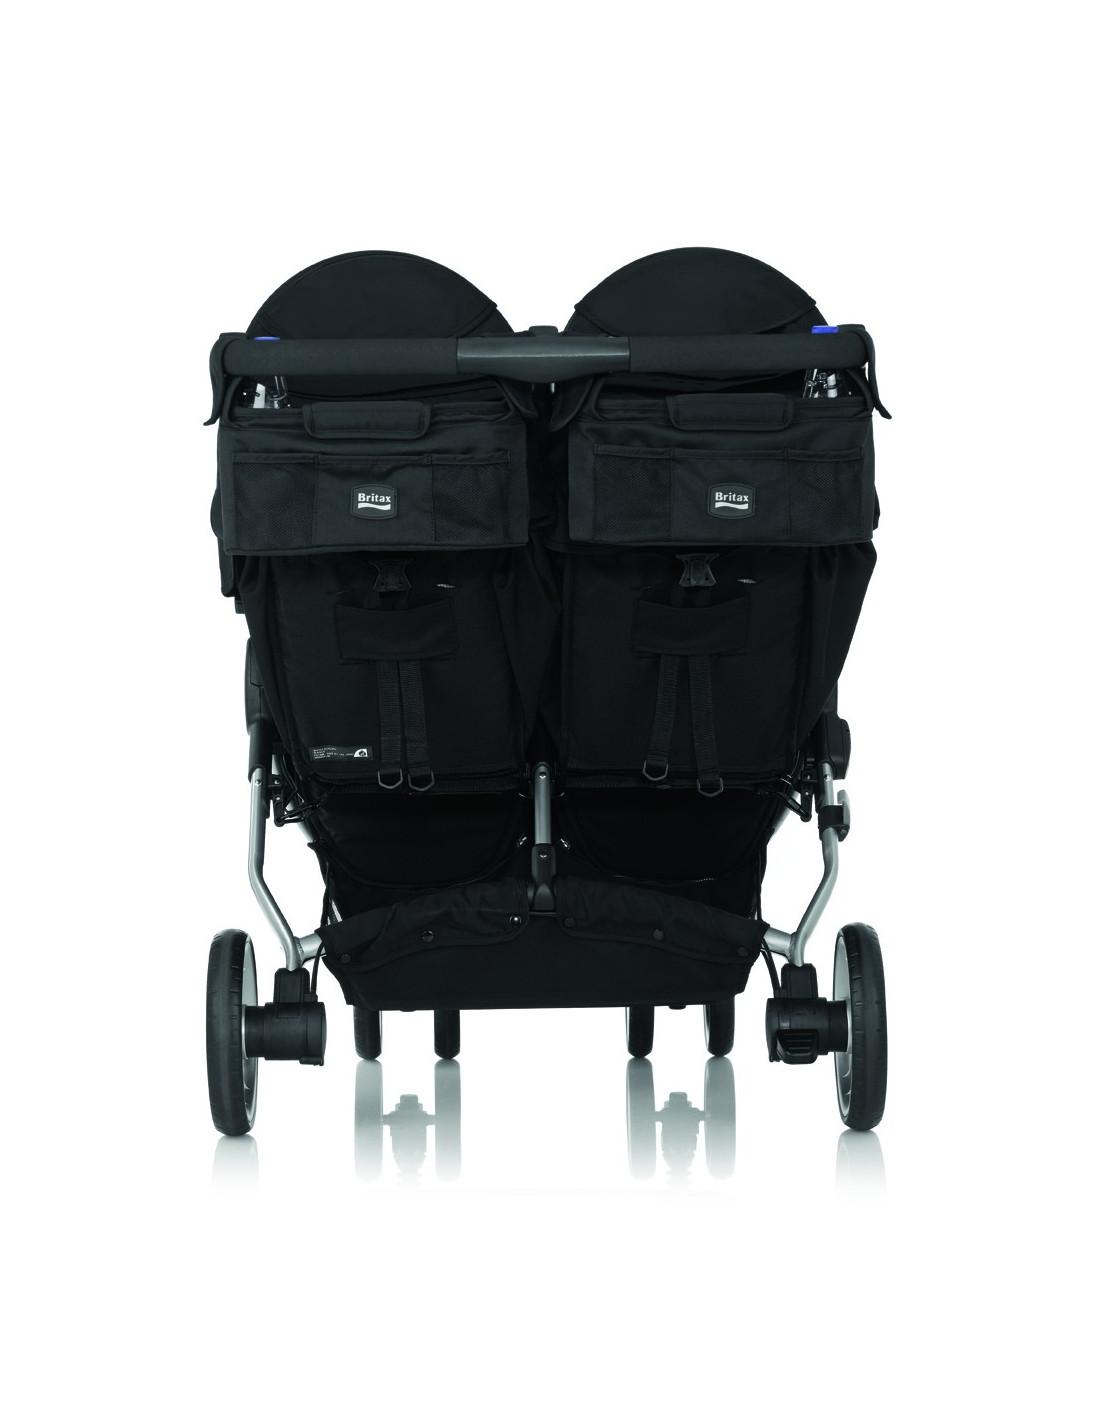 Compra tu silla gemelar al mejor precio con britax b agile - Silla paseo britax b agile 4 ...